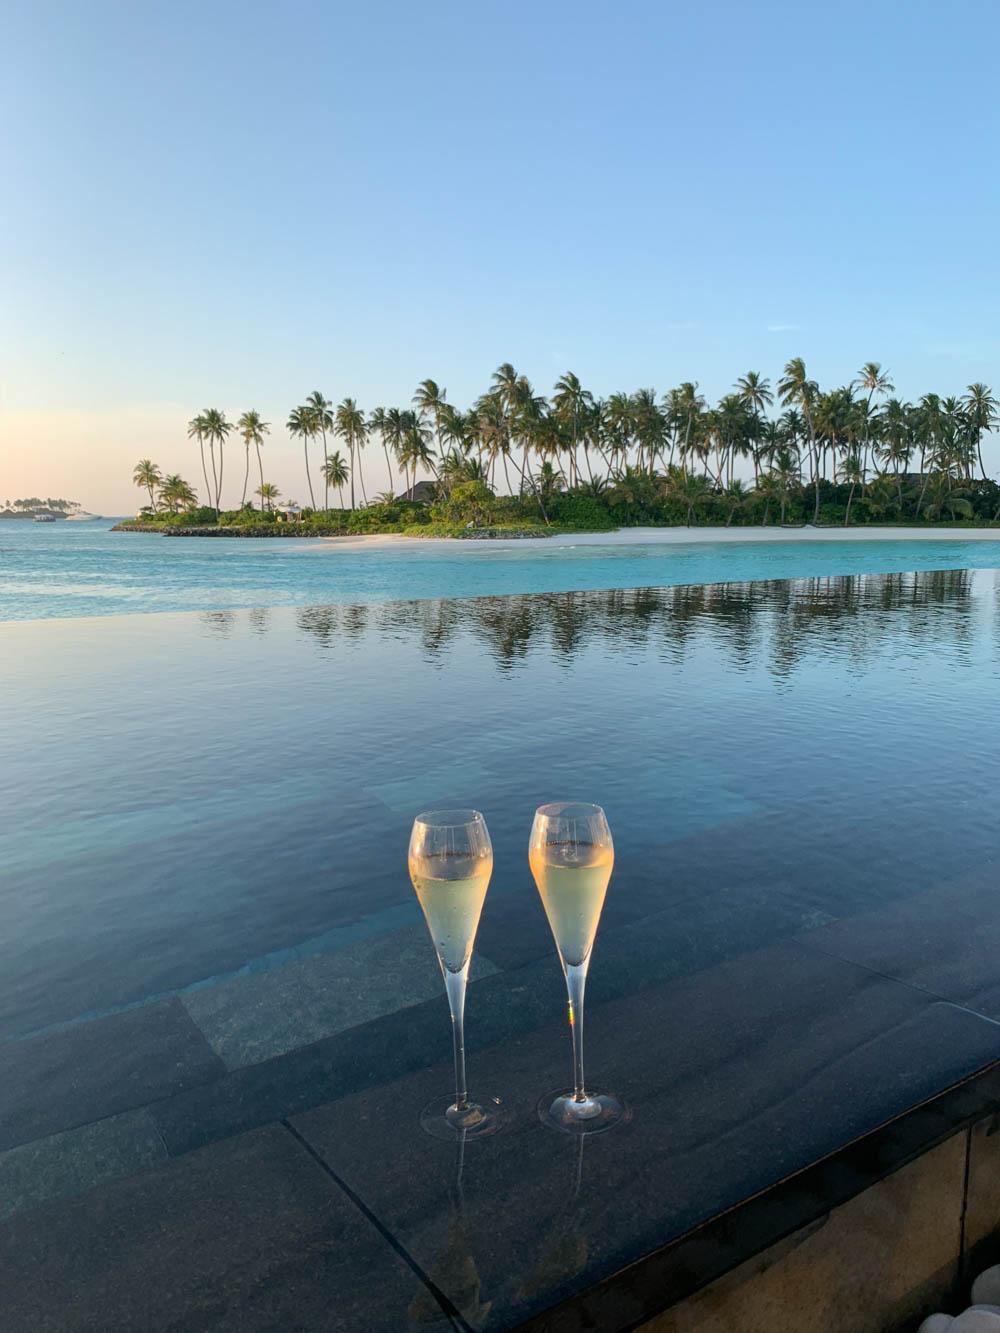 Maldives_Resort_Honeymoon_Cheval_Blanc_MaldivesTravelAdvisor-12.jpg